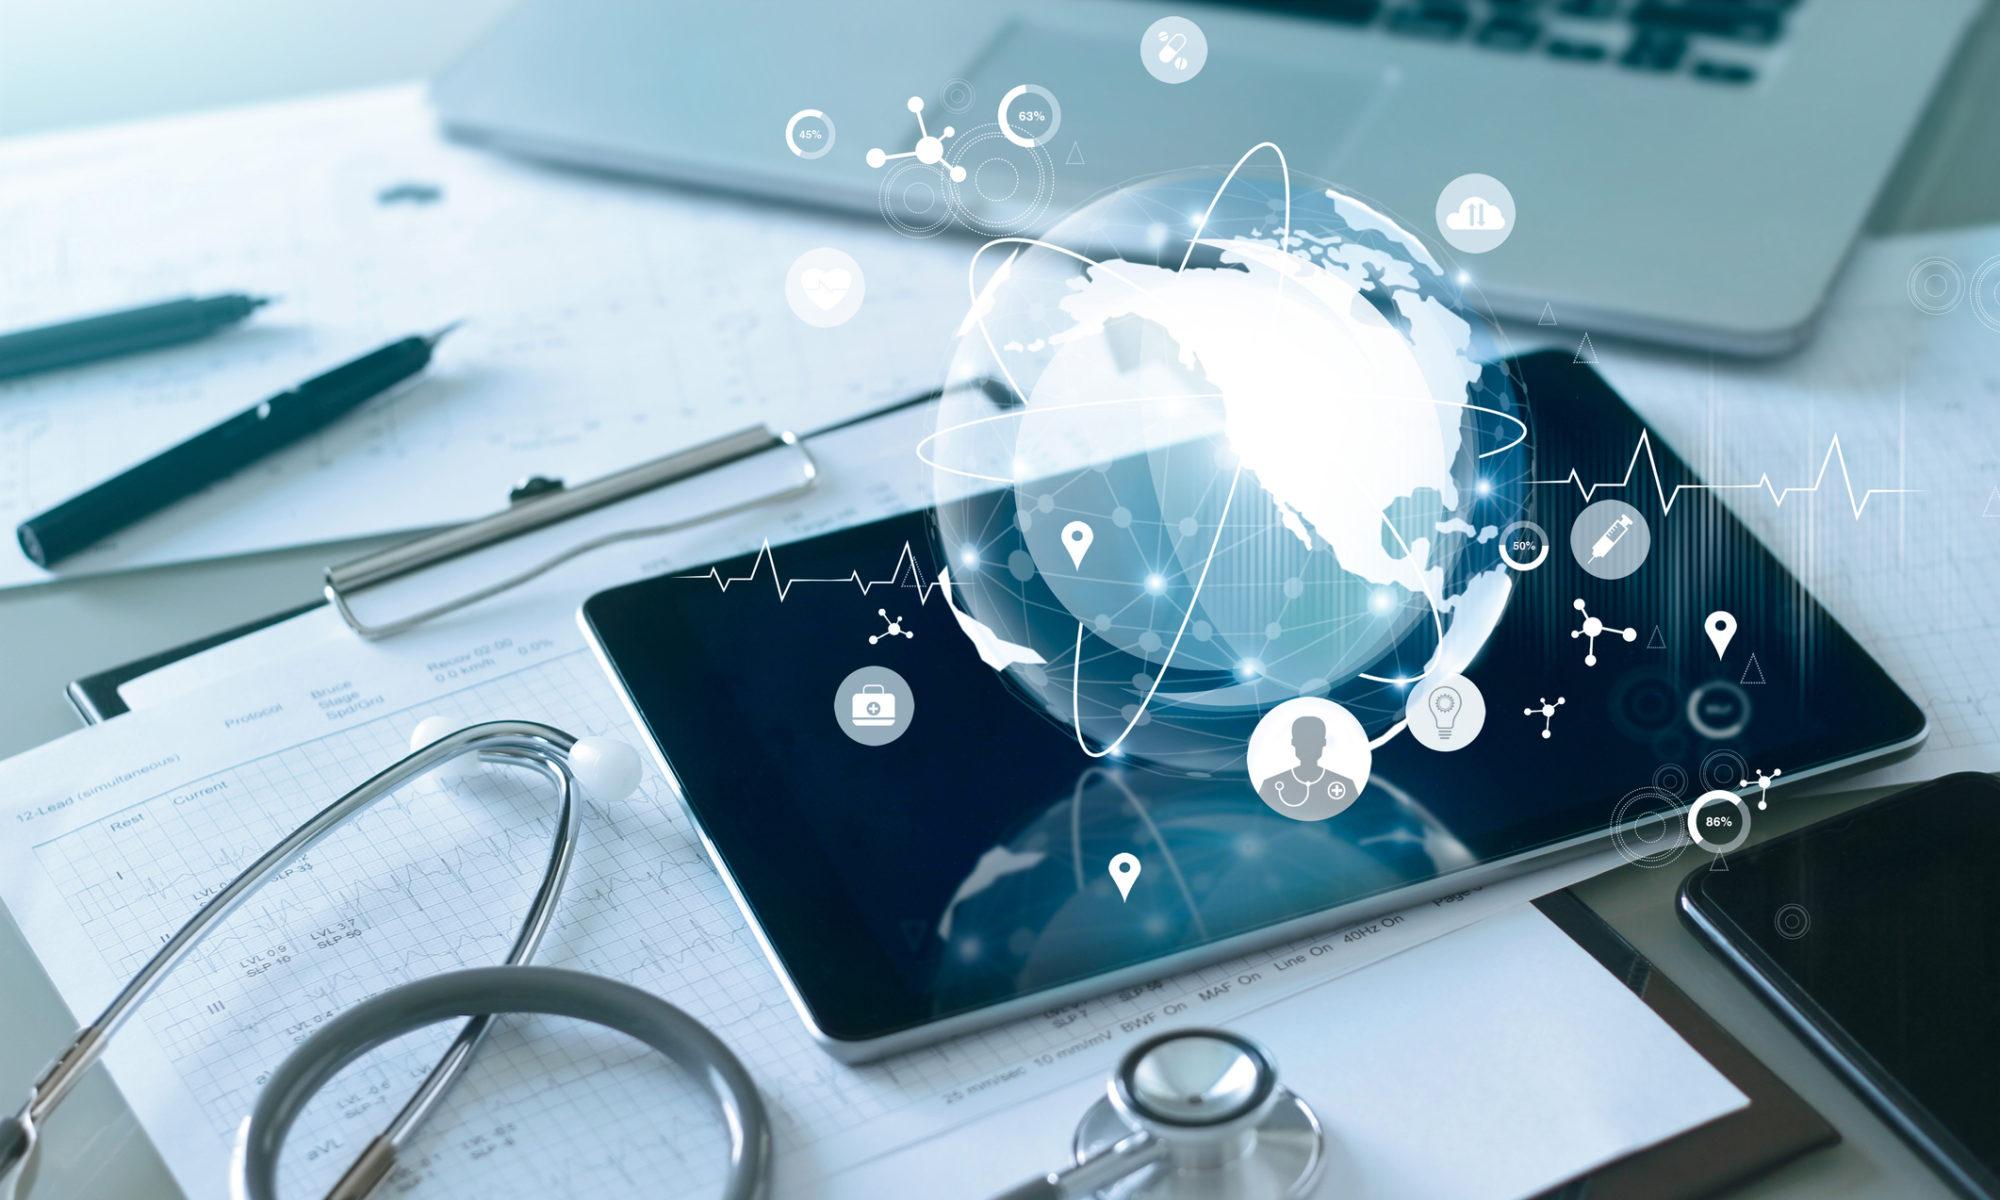 Υγειονομική περίθαλψη τεχνολογία: Ο ρόλος των ψηφιακών εργαλείων στην εξέλιξη